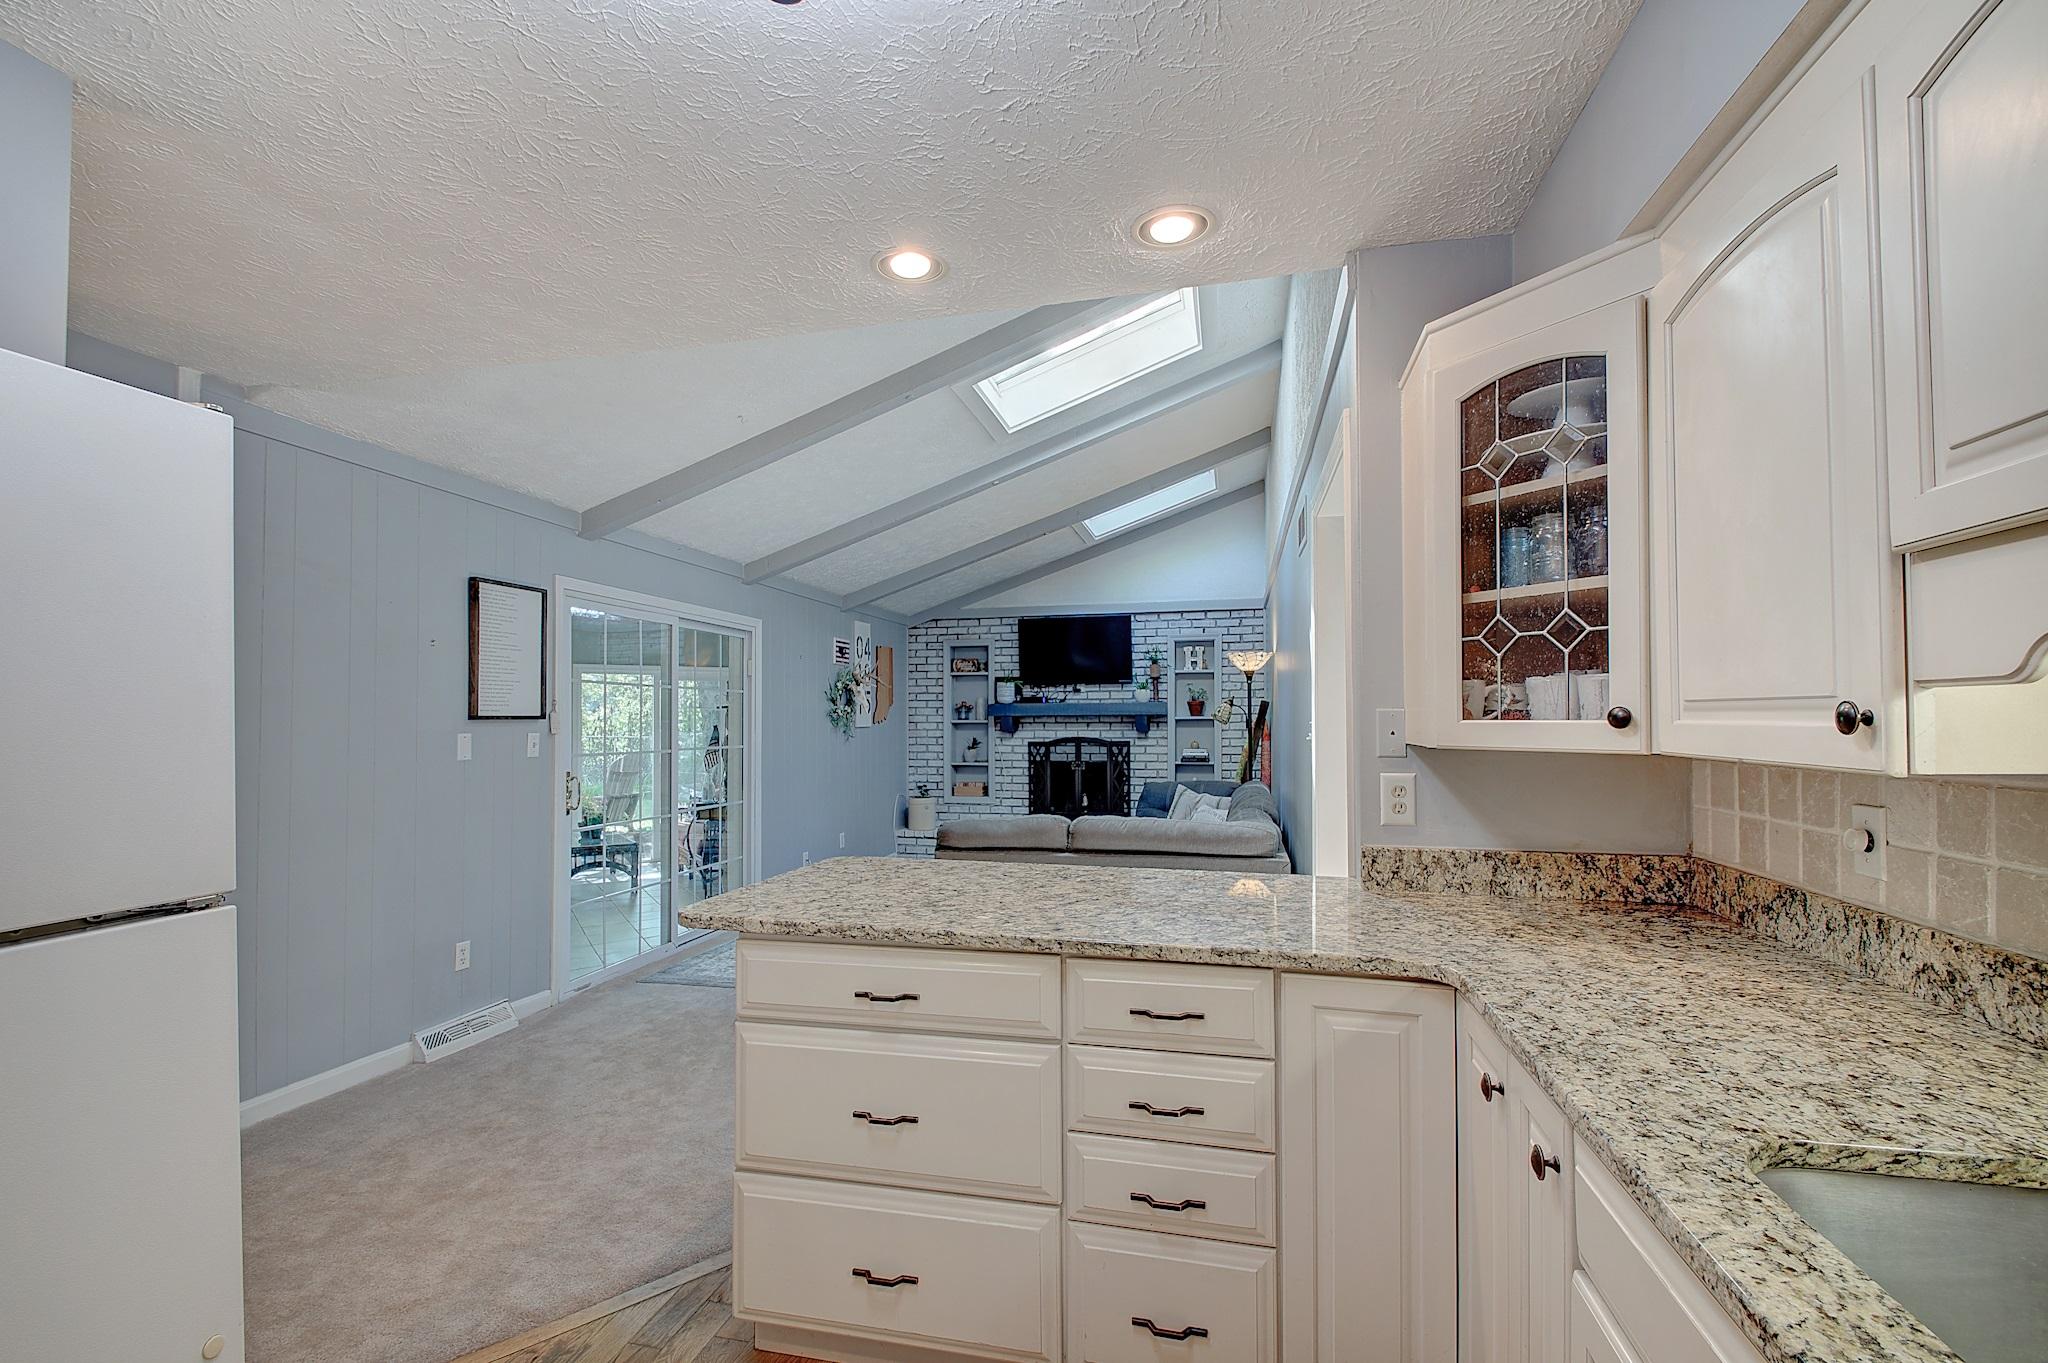 10-Kitchen View 3.jpg